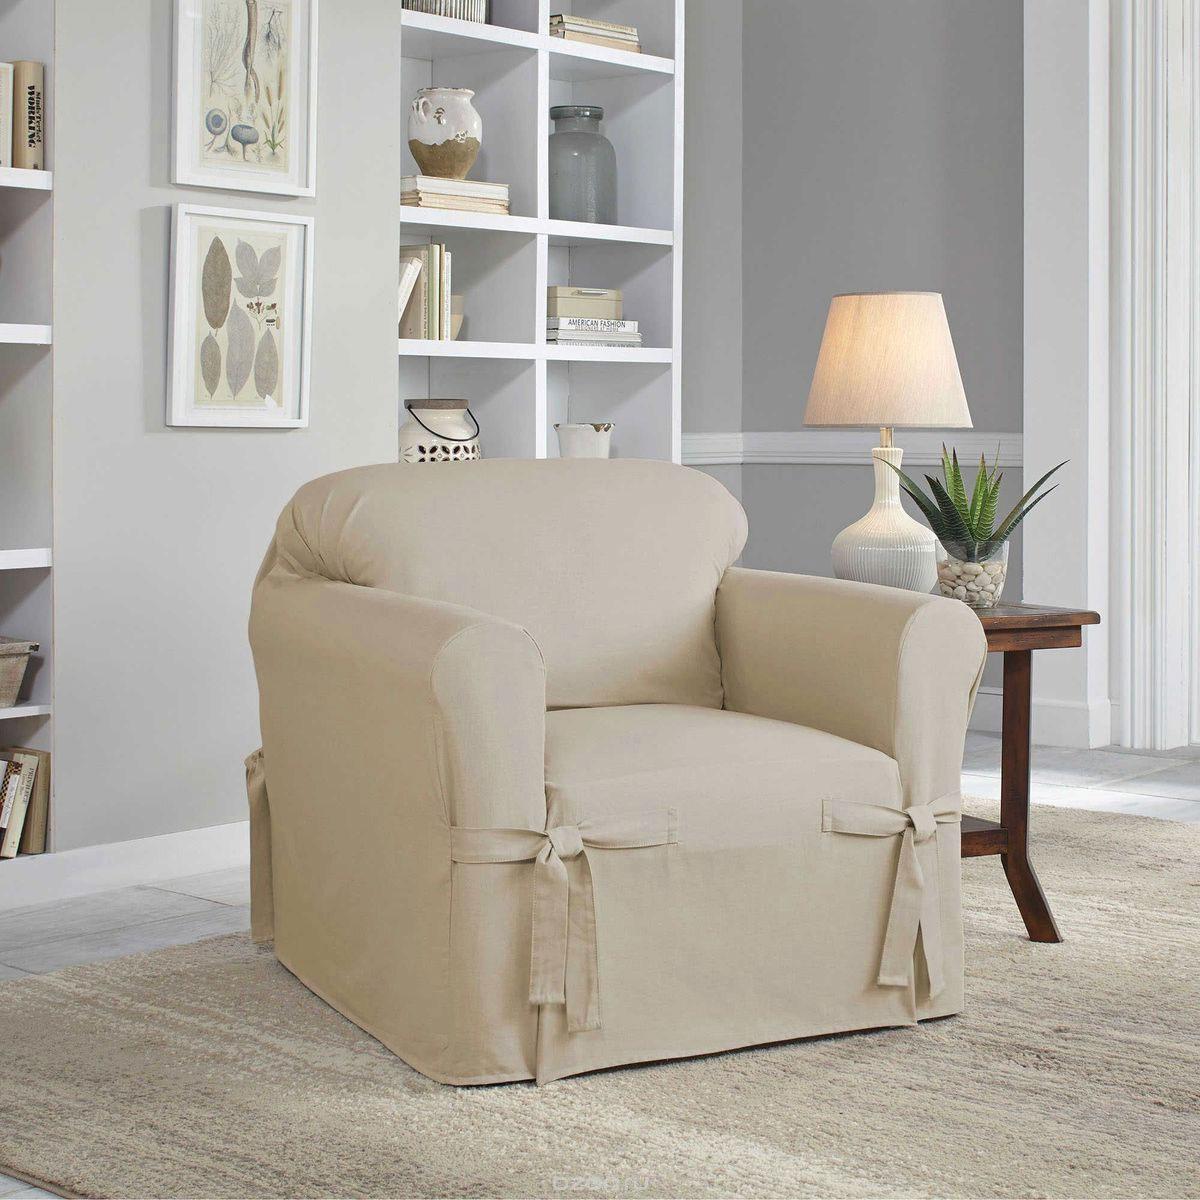 Чехол на кресло Медежда Брайтон, цвет: бежевый1401011203000Чехол на кресло Медежда Брайтон изготовлен из 60% хлопка и 40% полиэстера. Чехол не эластичен, но хорошо принимает форму кресла. Подходит для кресел с шириной спинки от 80 до 110 см. Благодаря классической однотонной расцветке чехол легко гармонирует почти со всеми палитрами цвета и любым типом интерьера. Изделие украсит вашу гостиную и создаст комфорт и уют в доме.Чехол очень удобен и прост в установке. Машинная стирка при температуре 30°С.Чехлы на мебель Медежда универсальны и подходят на большинство моделей мебели. Такова особенность кроя изделий свободного стиля или тянущегося материала стрейч стиля. Основное значение при подборе имеет только ширина спинки.